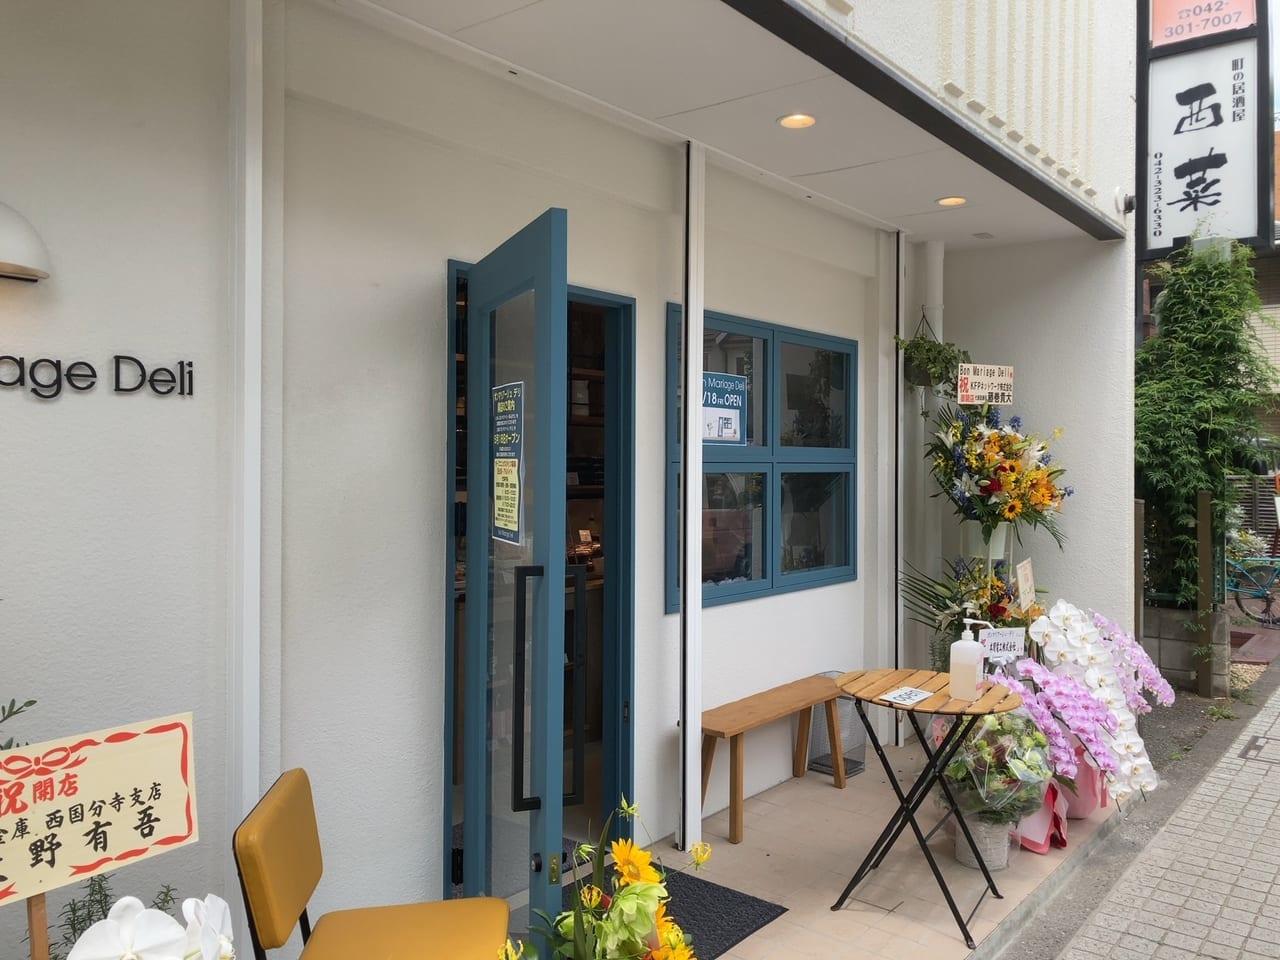 西国分寺南口から徒歩約4分オシャレなデリのお店が『ボン・マリアージュ・デリ』がオープンしました!!